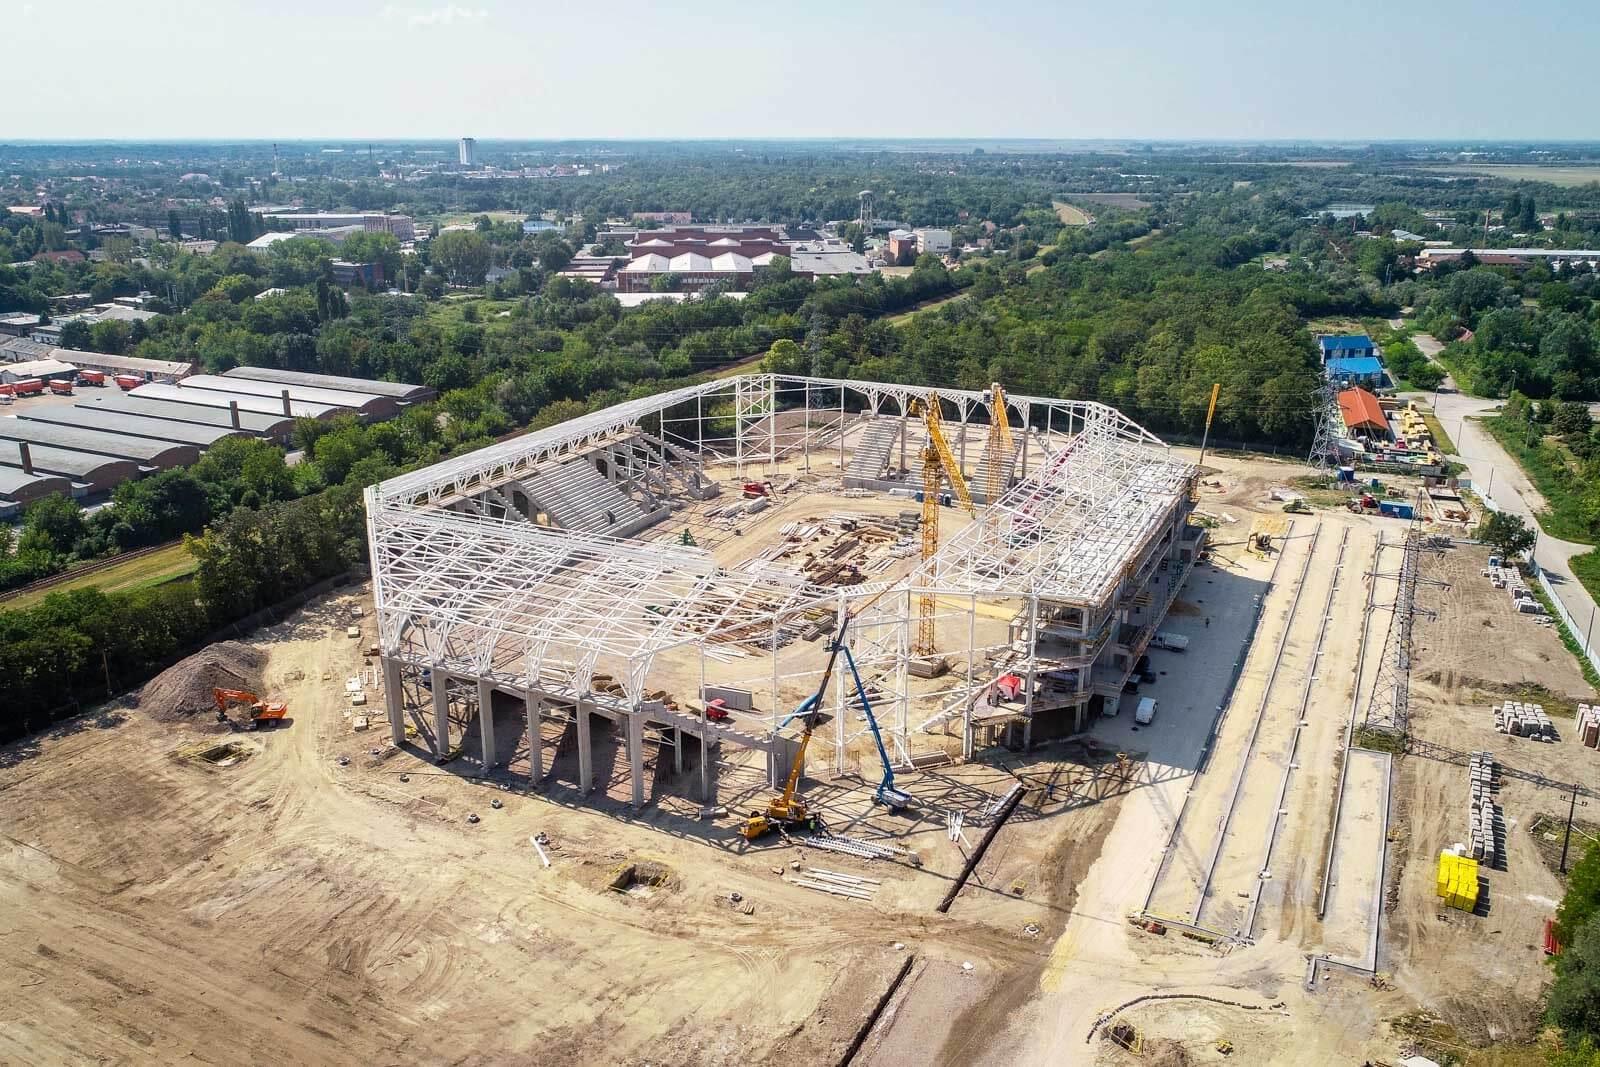 Négy hónap alatt elkészült a Szegedi Ifjúsági Centrum szerkezete